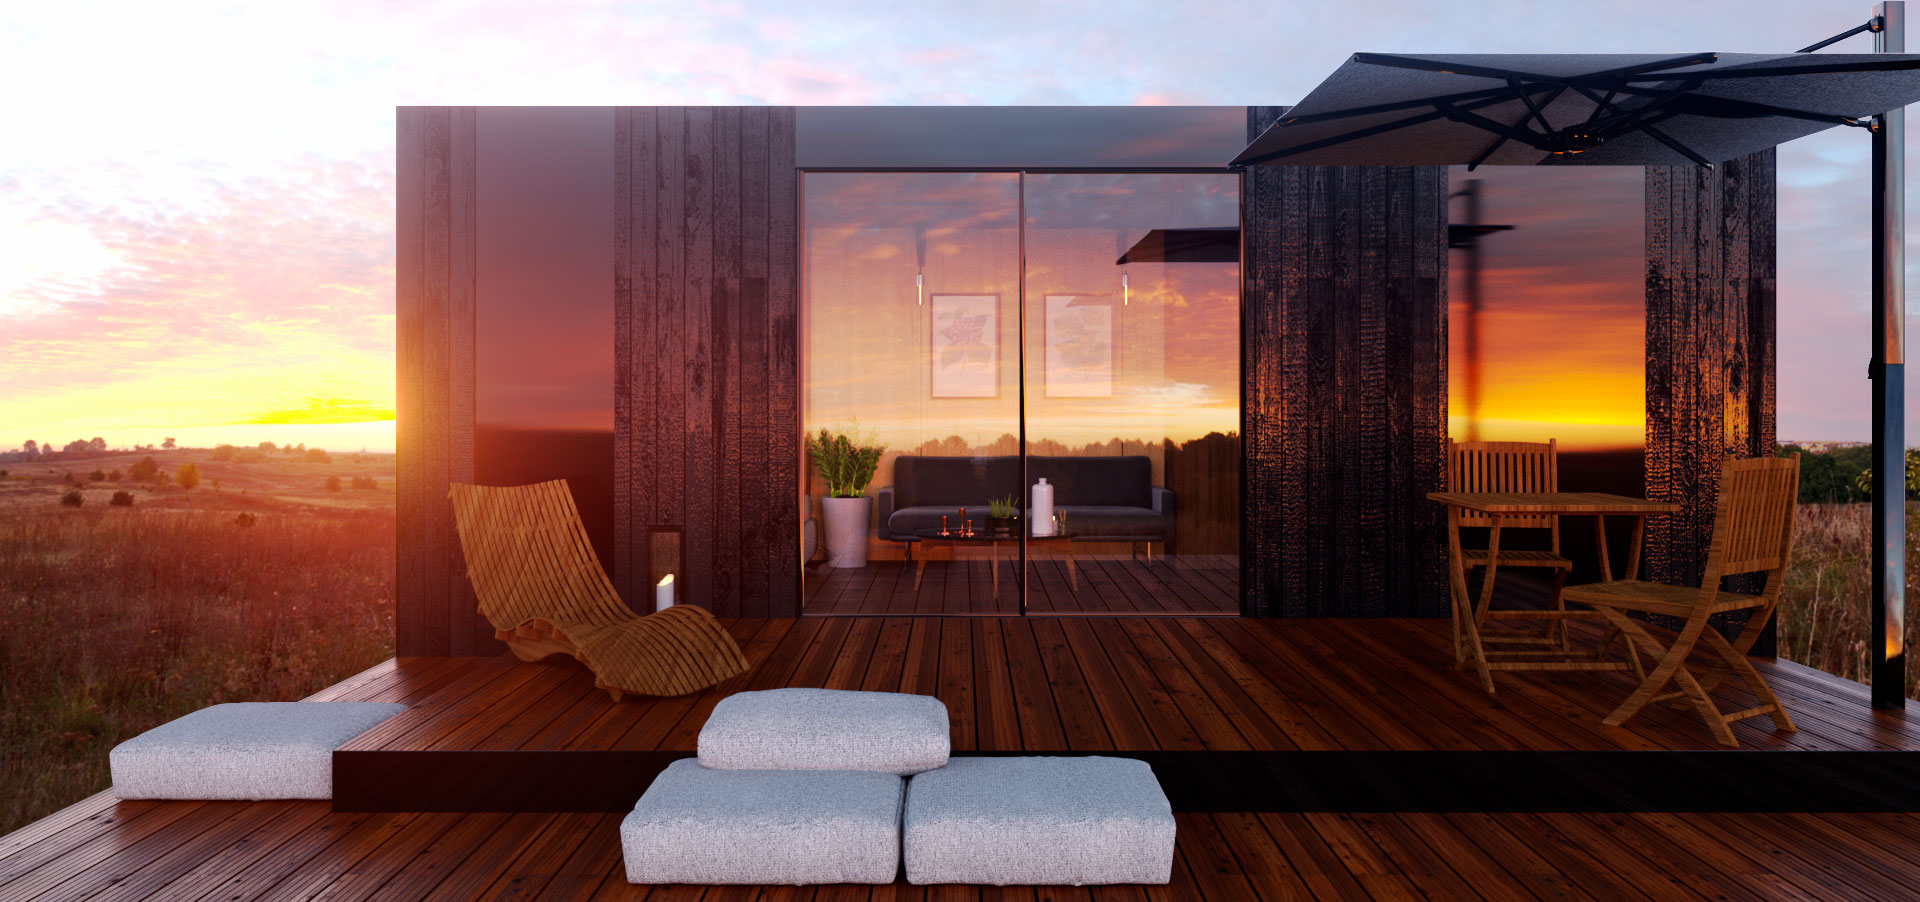 novablok-maison-ecolo-modulaire-prefabriquee-ancrage-permis-de-construire-1